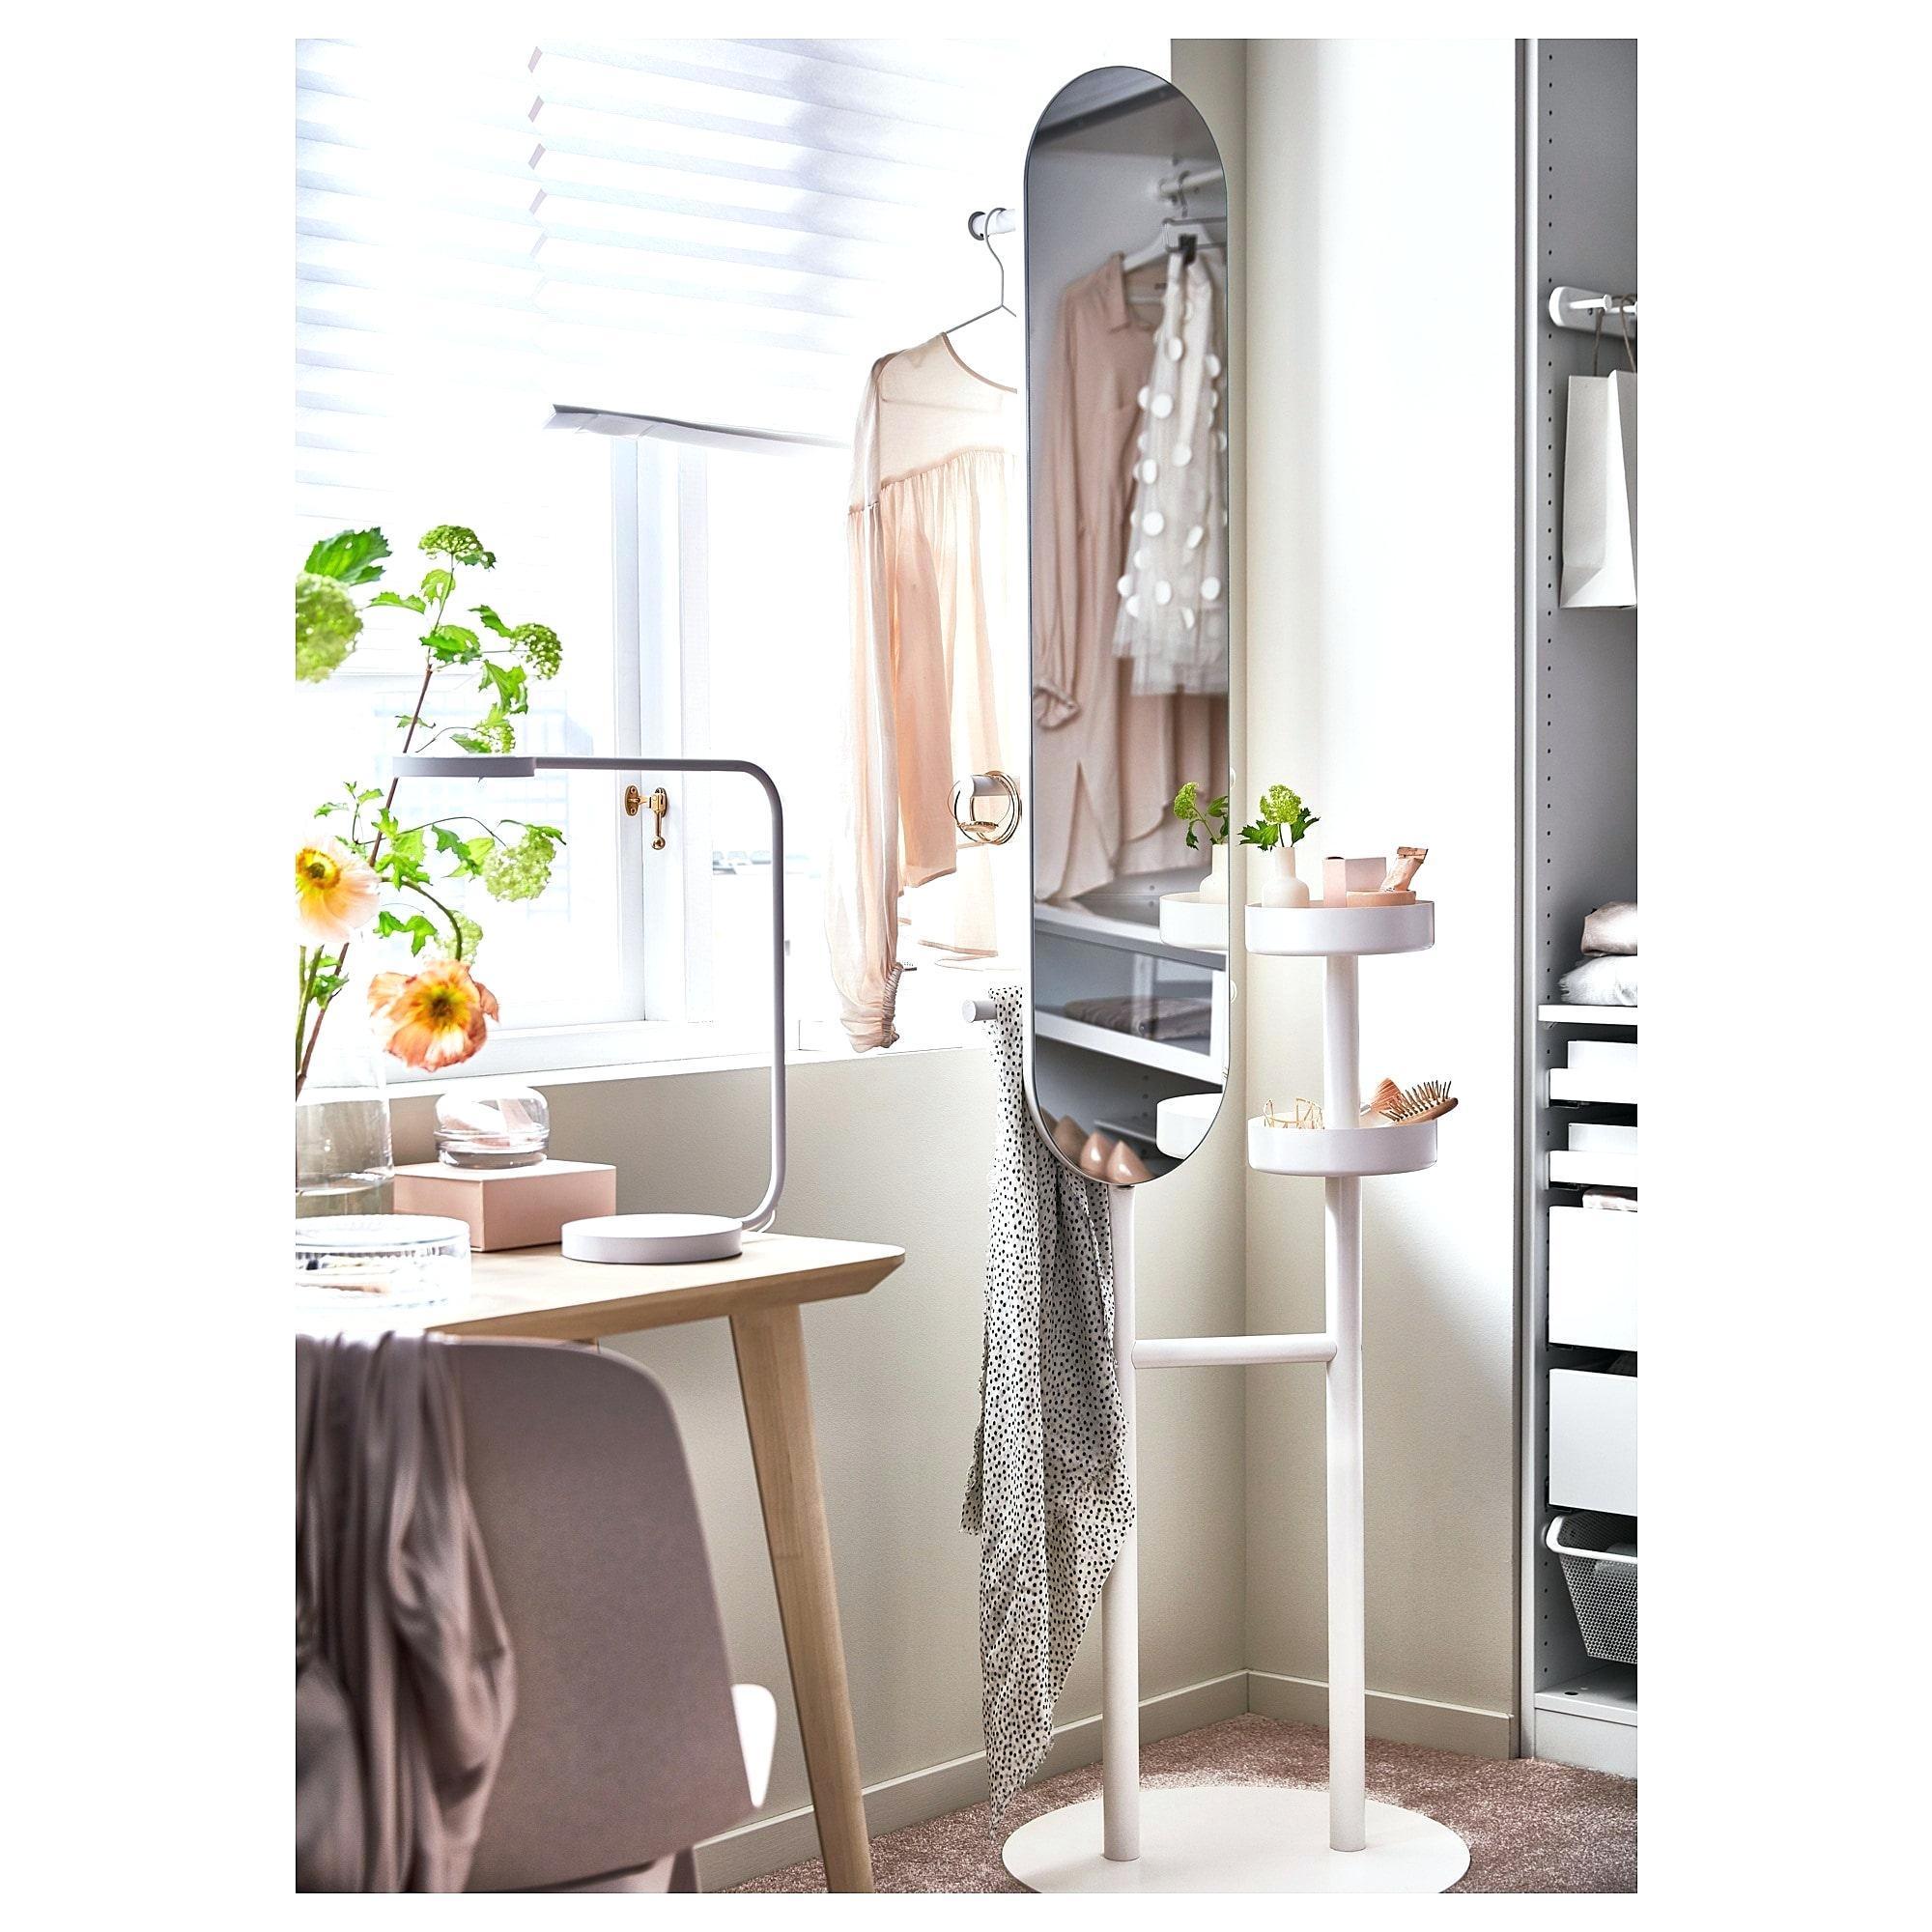 kleiderstander mit spiegel ikea lierskogen